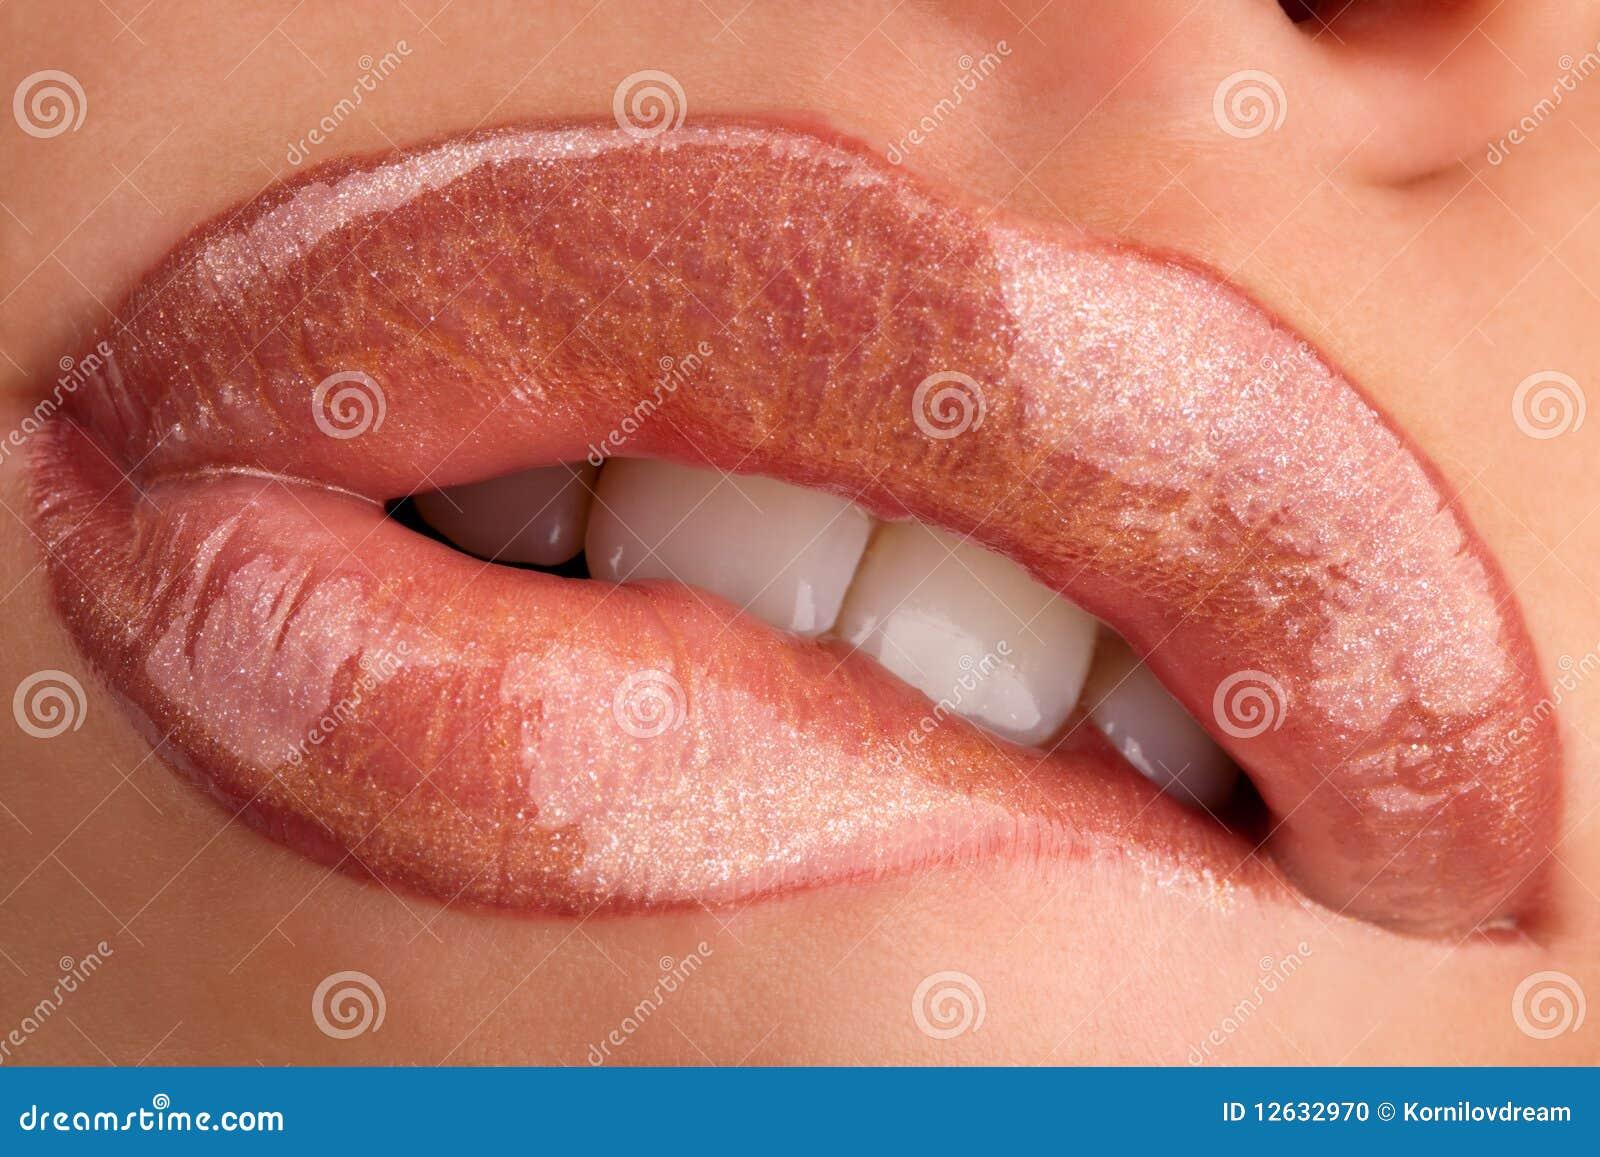 Masticación de los labios